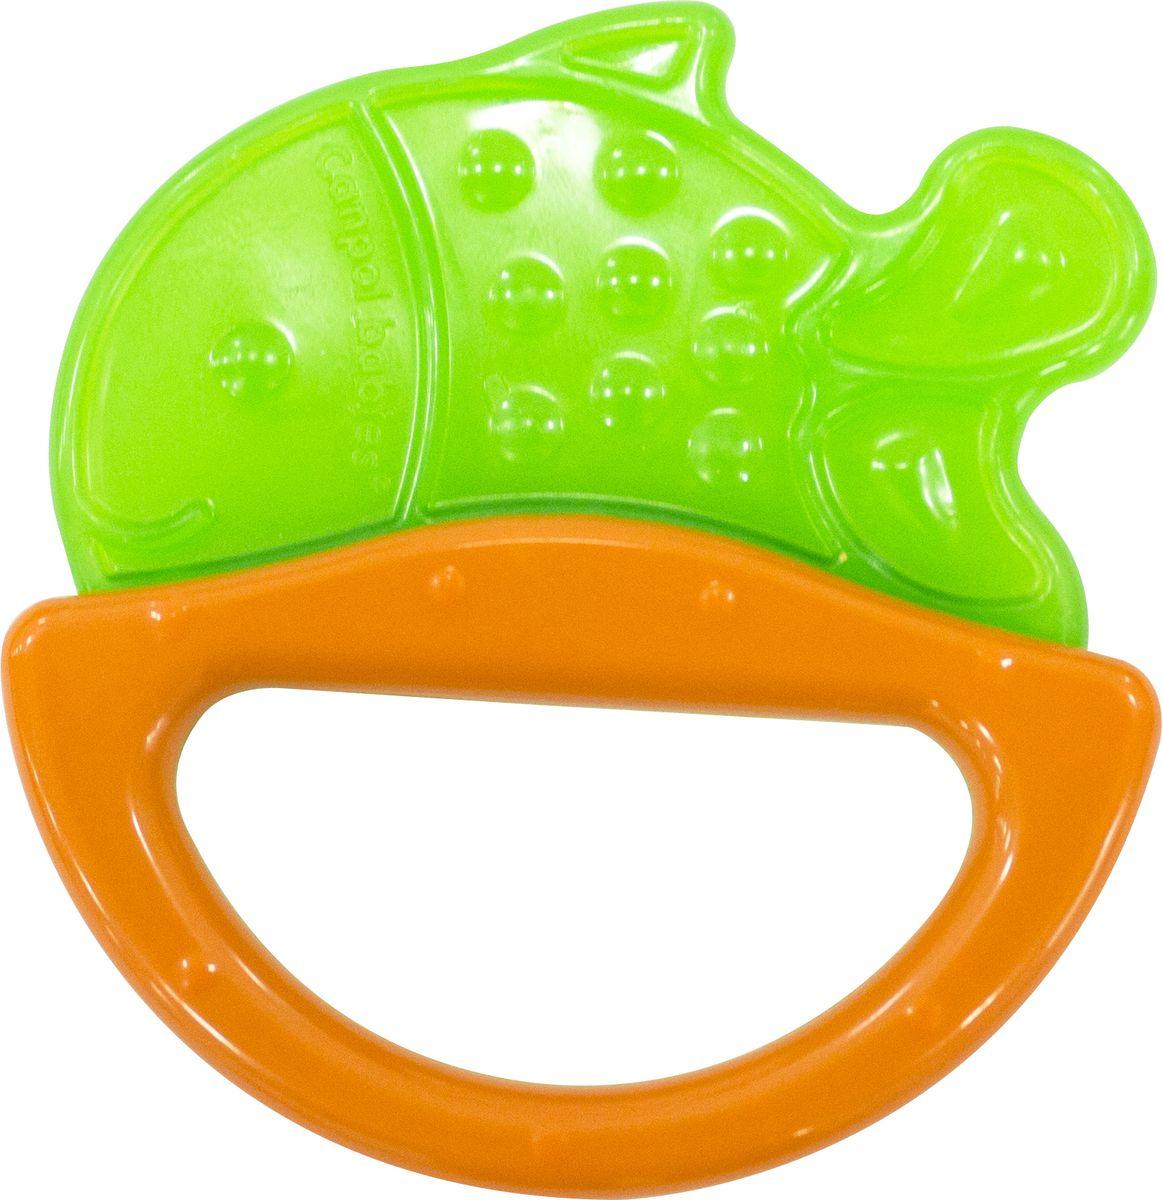 Canpol Babies Погремушка Рыбка с прорезывателем цвет зеленый canpol babies прорезыватель охлаждающий ягодка цвет красный